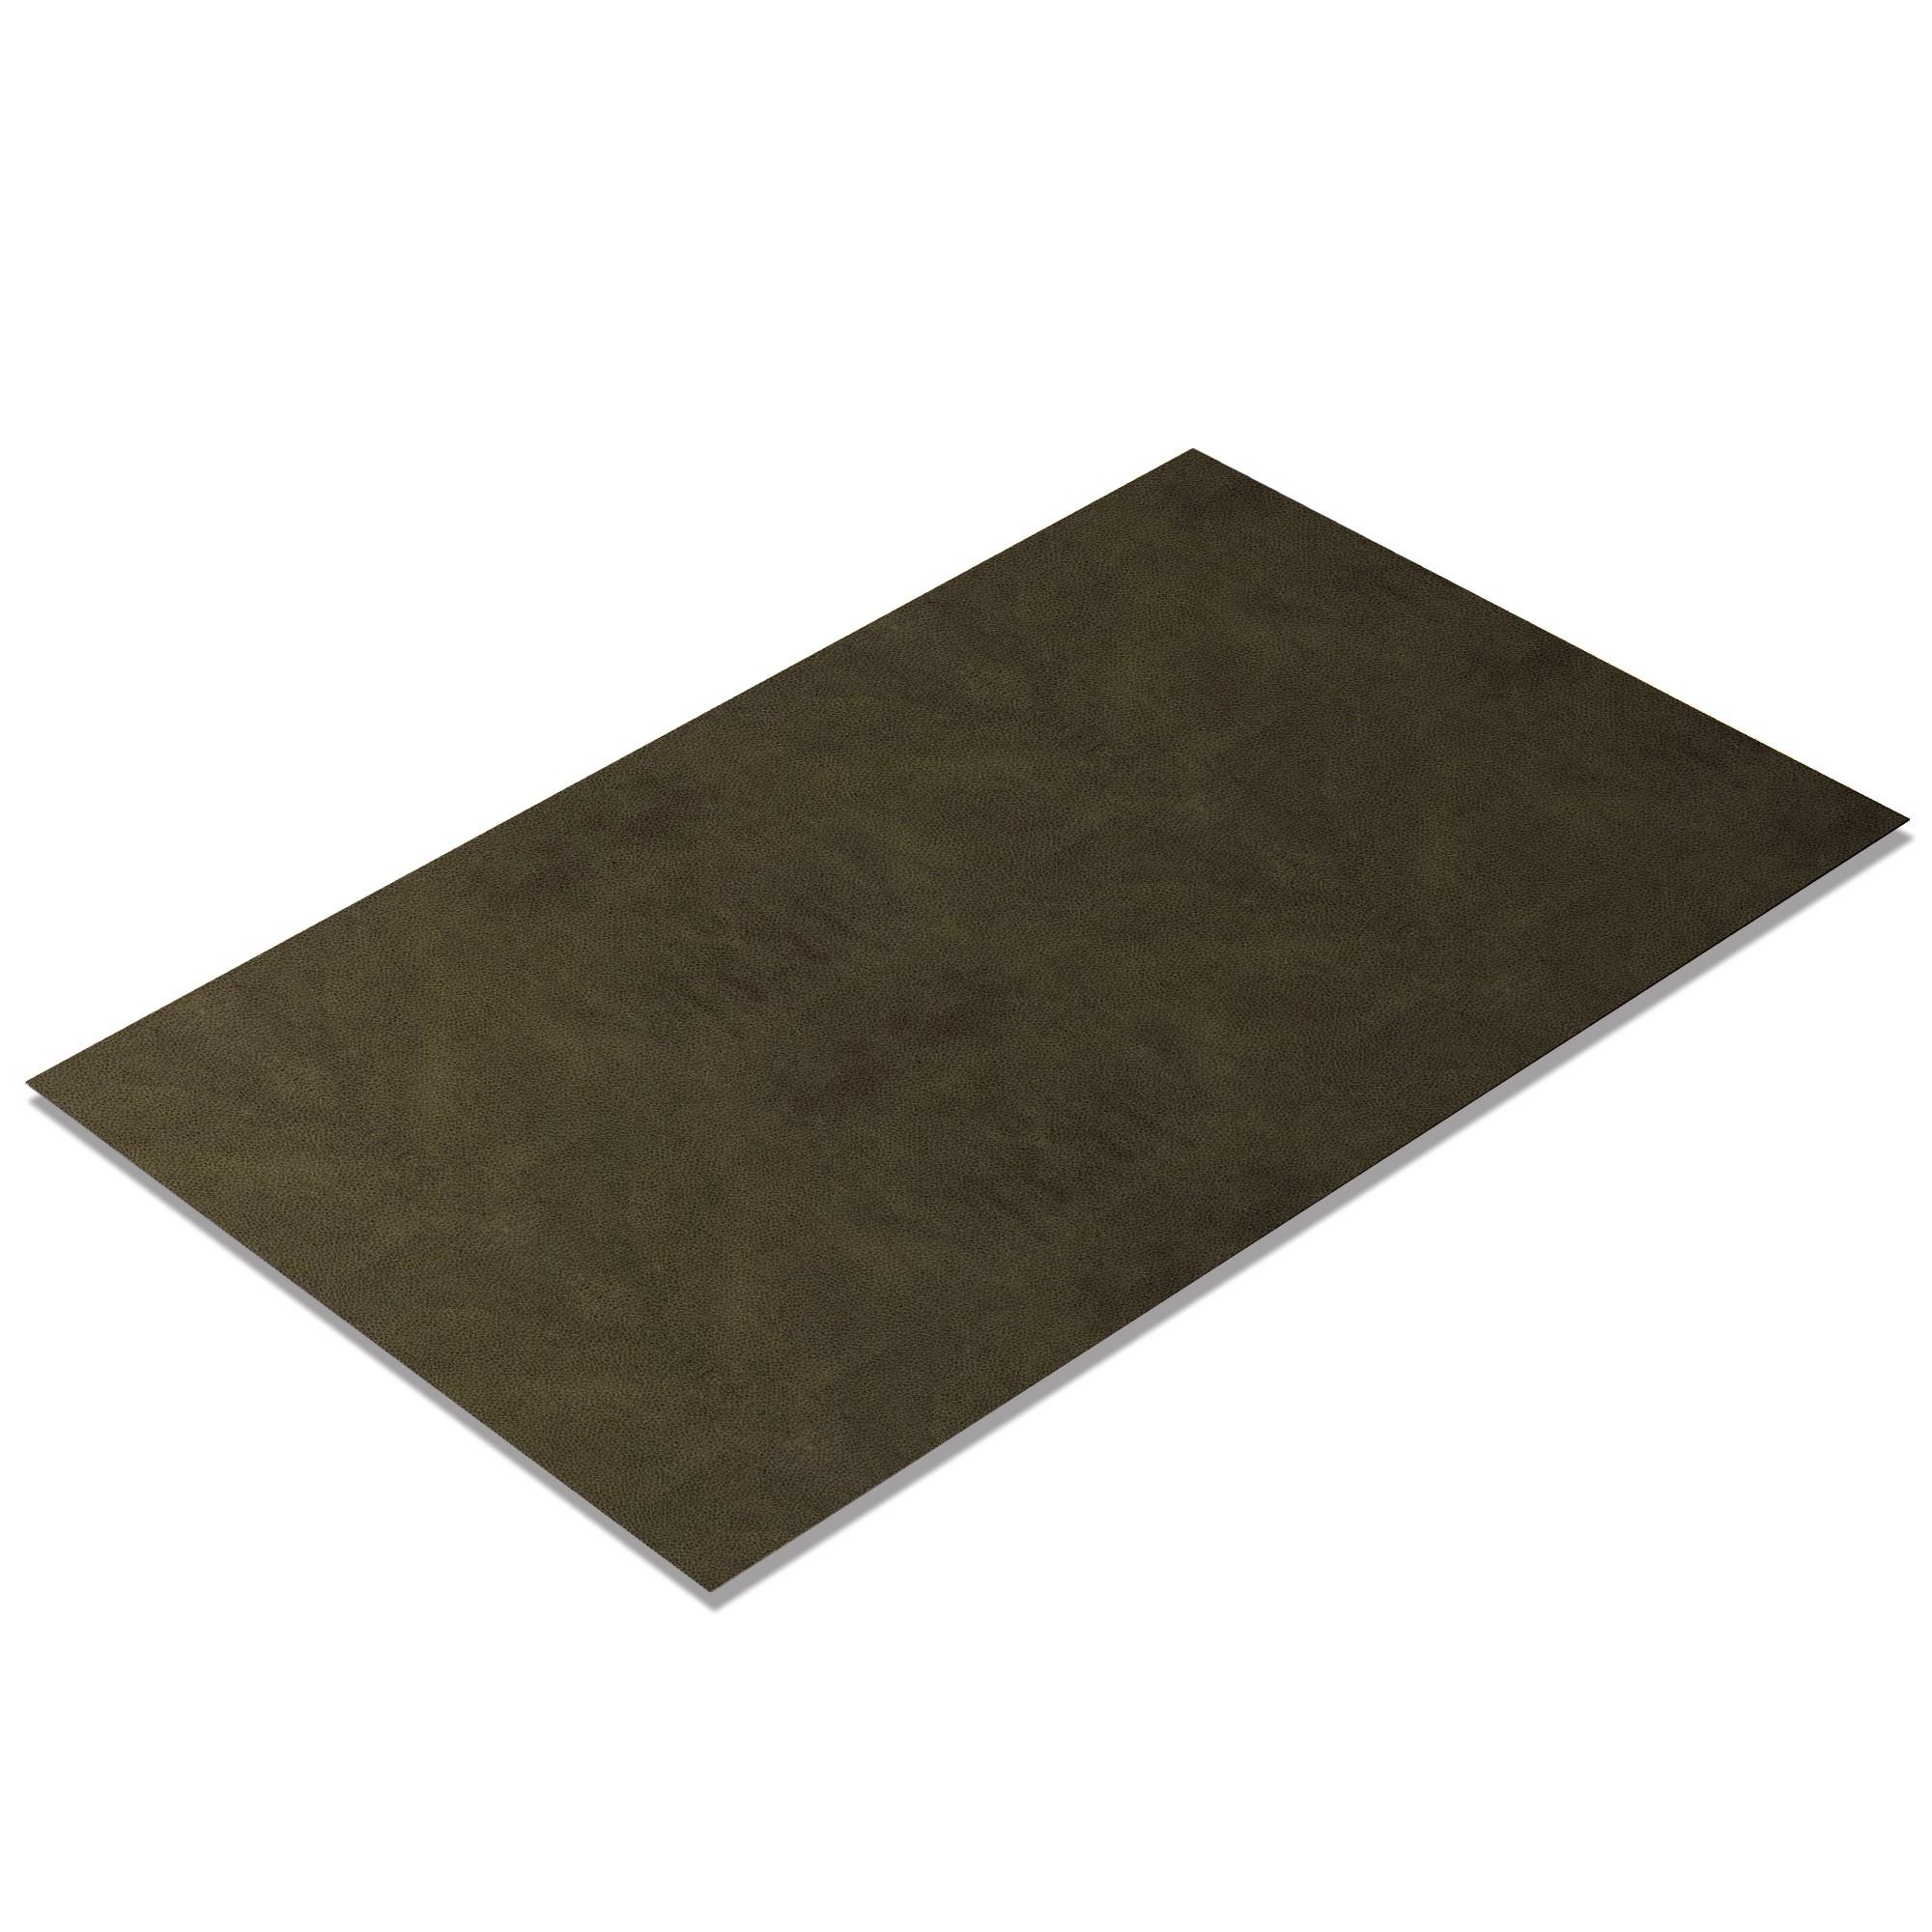 Kunstleder Meterware Nevada-Soft Olive [NEVSO411]